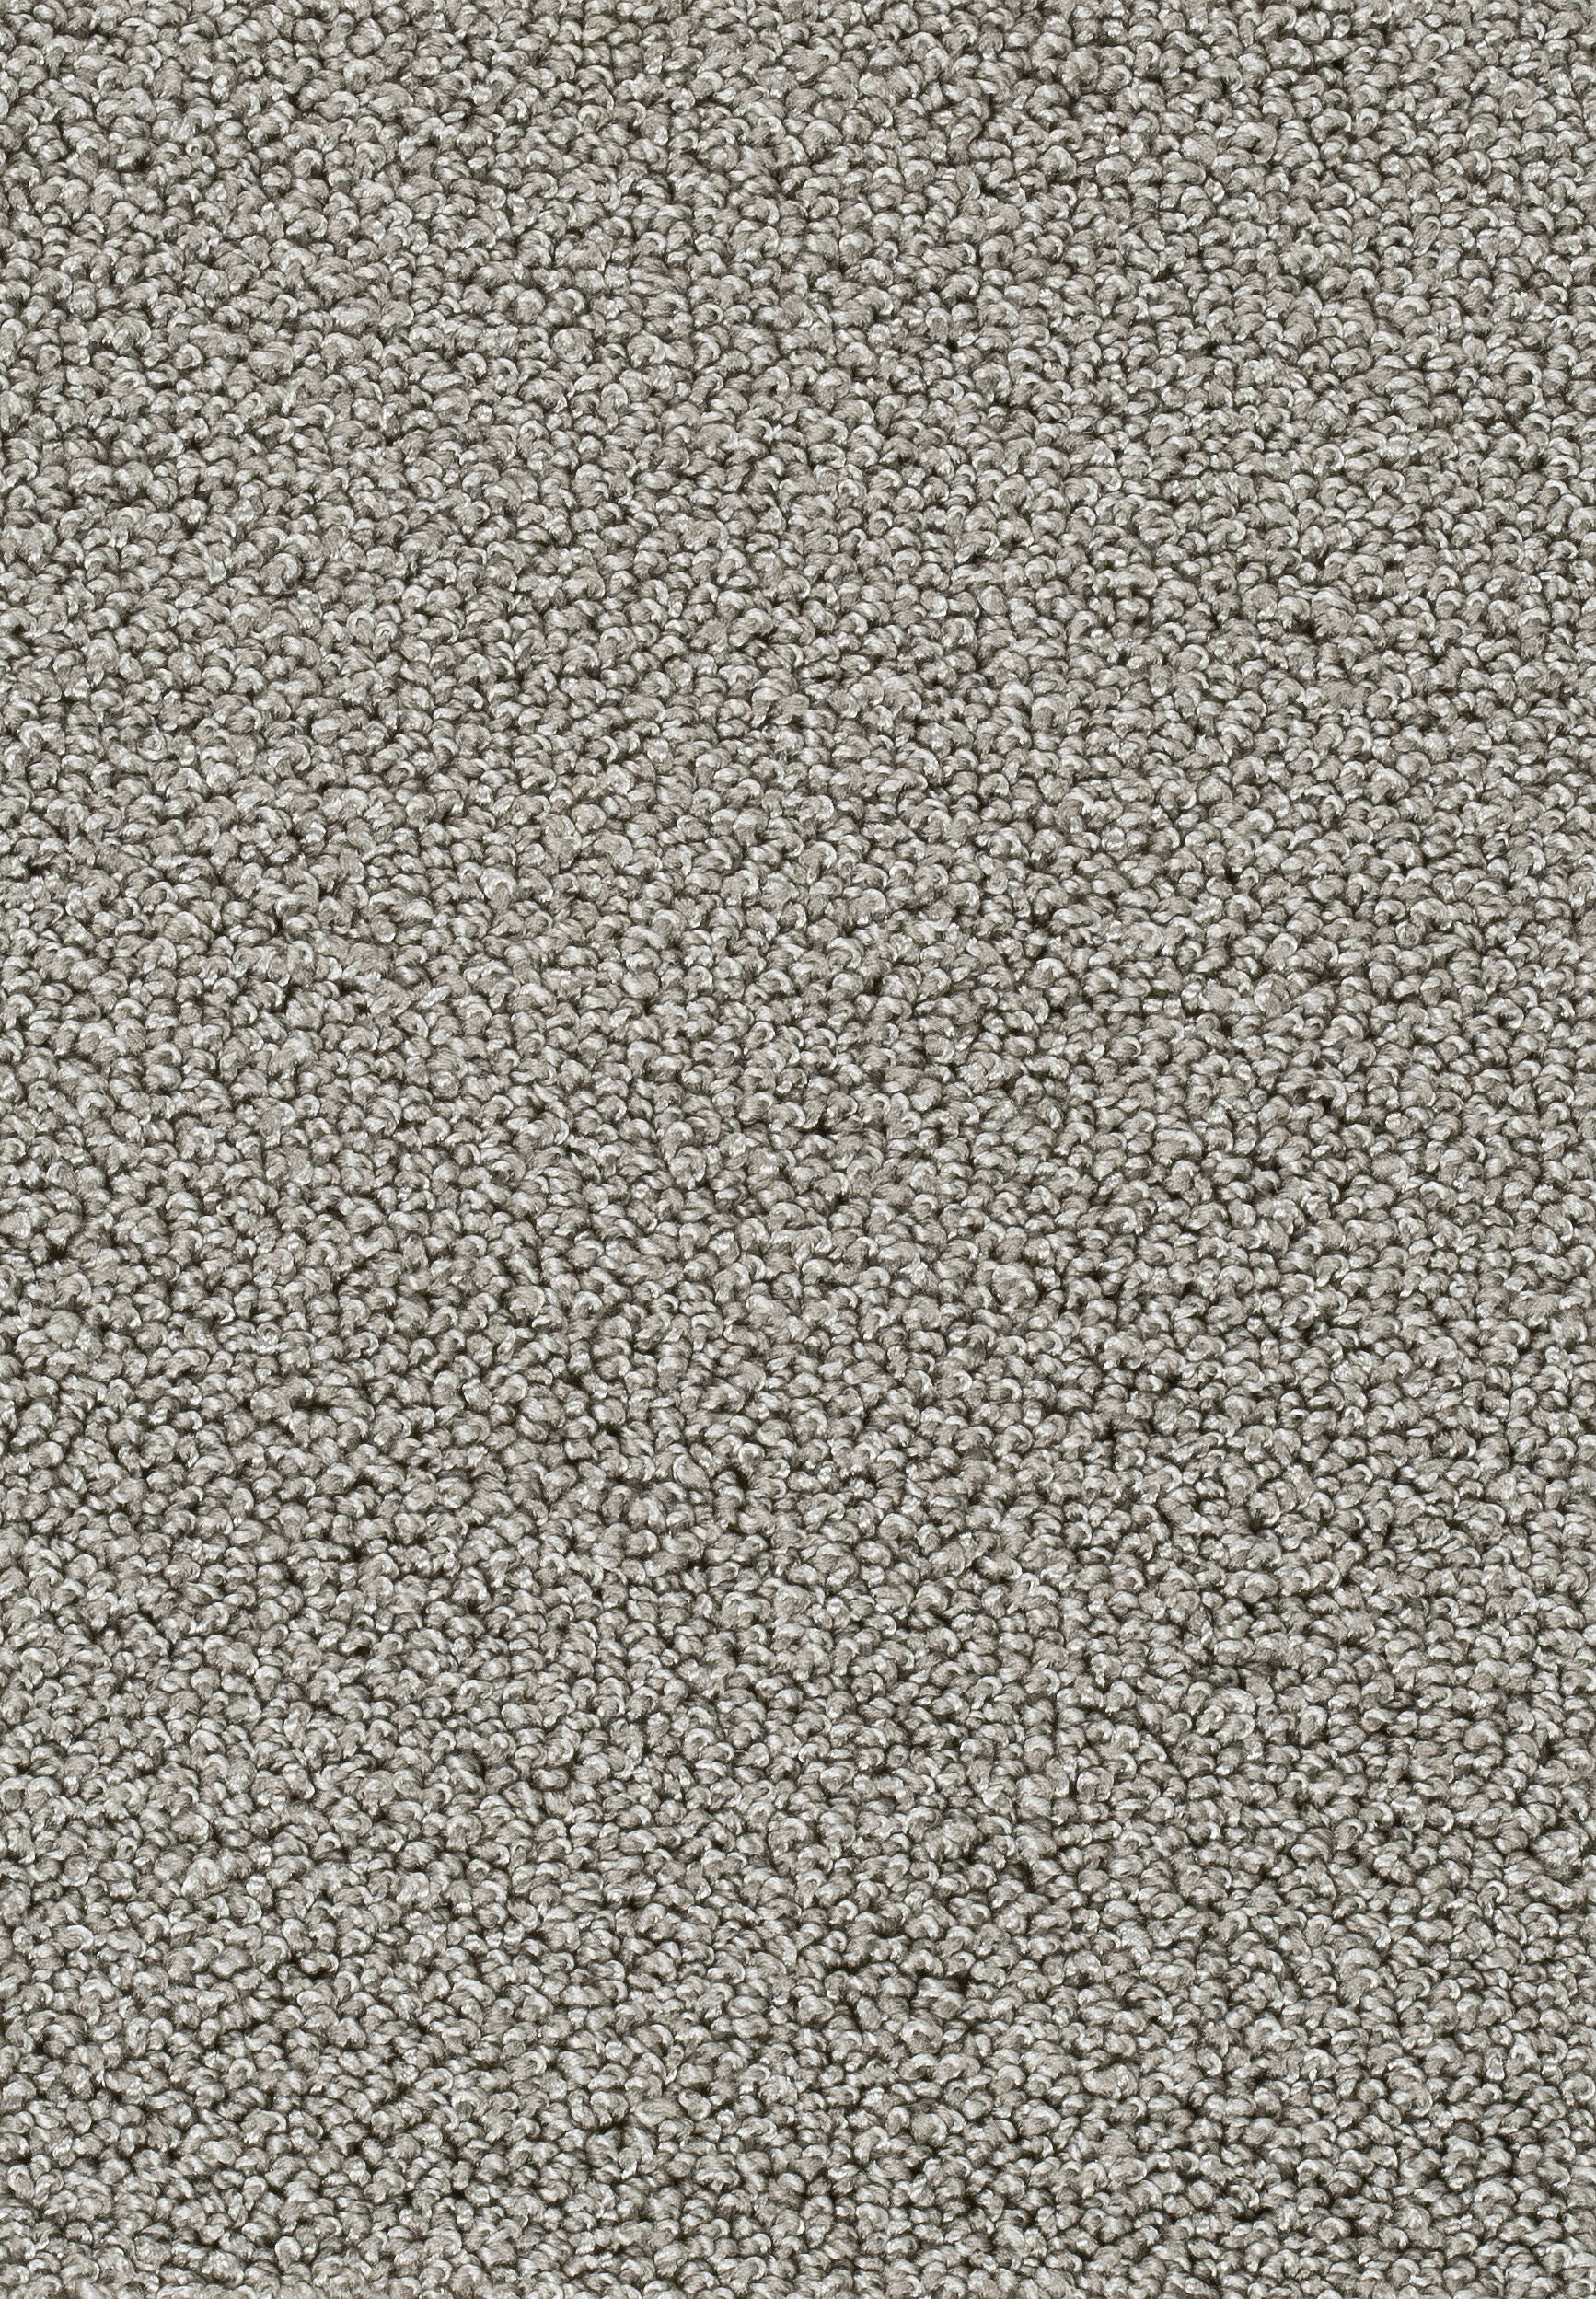 Teppichboden AMBRA 93 400cm breit